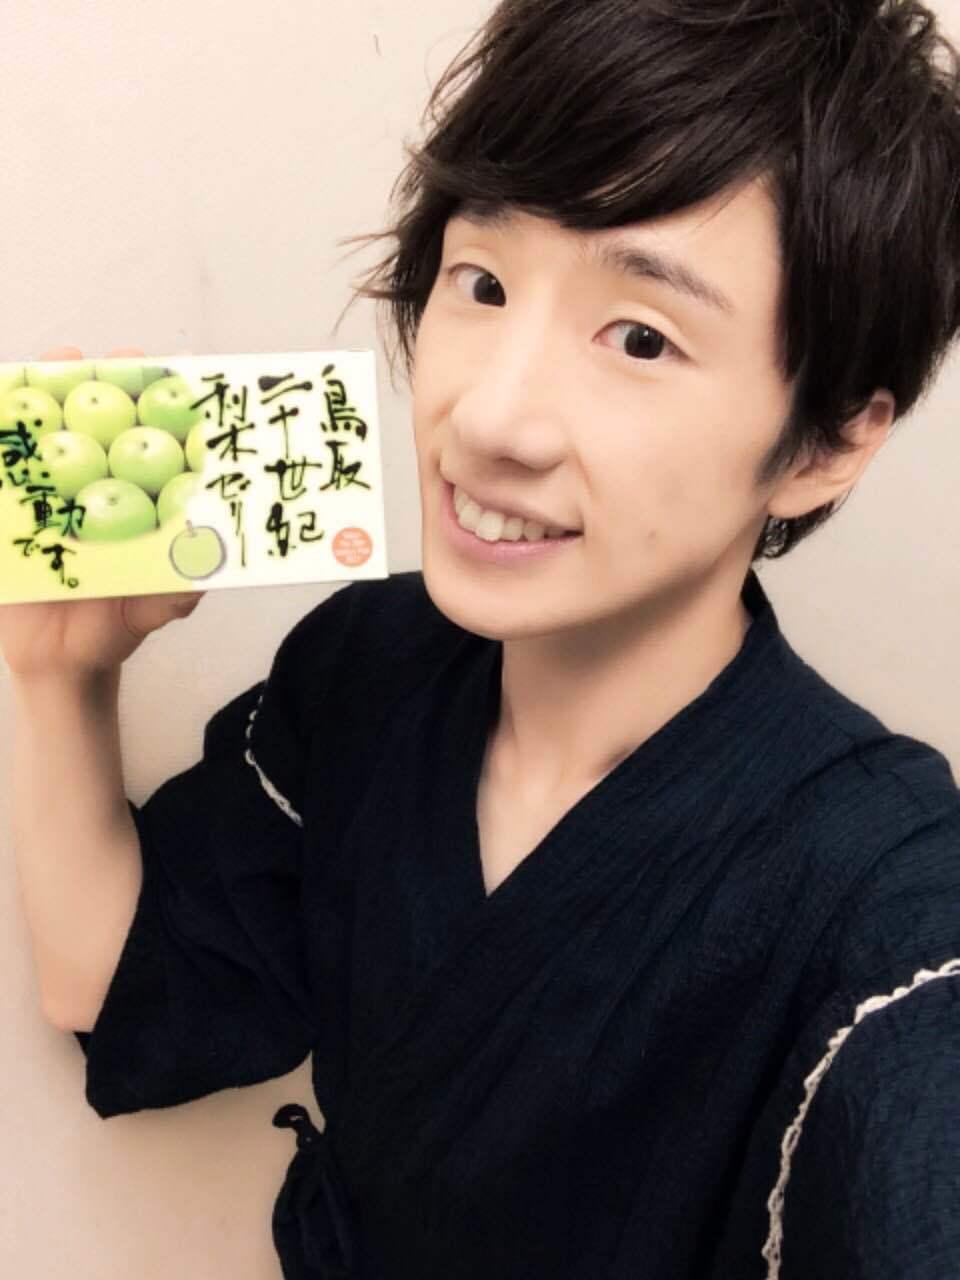 むすれぽ/鳥取米子(気まぐれプリンス担当)